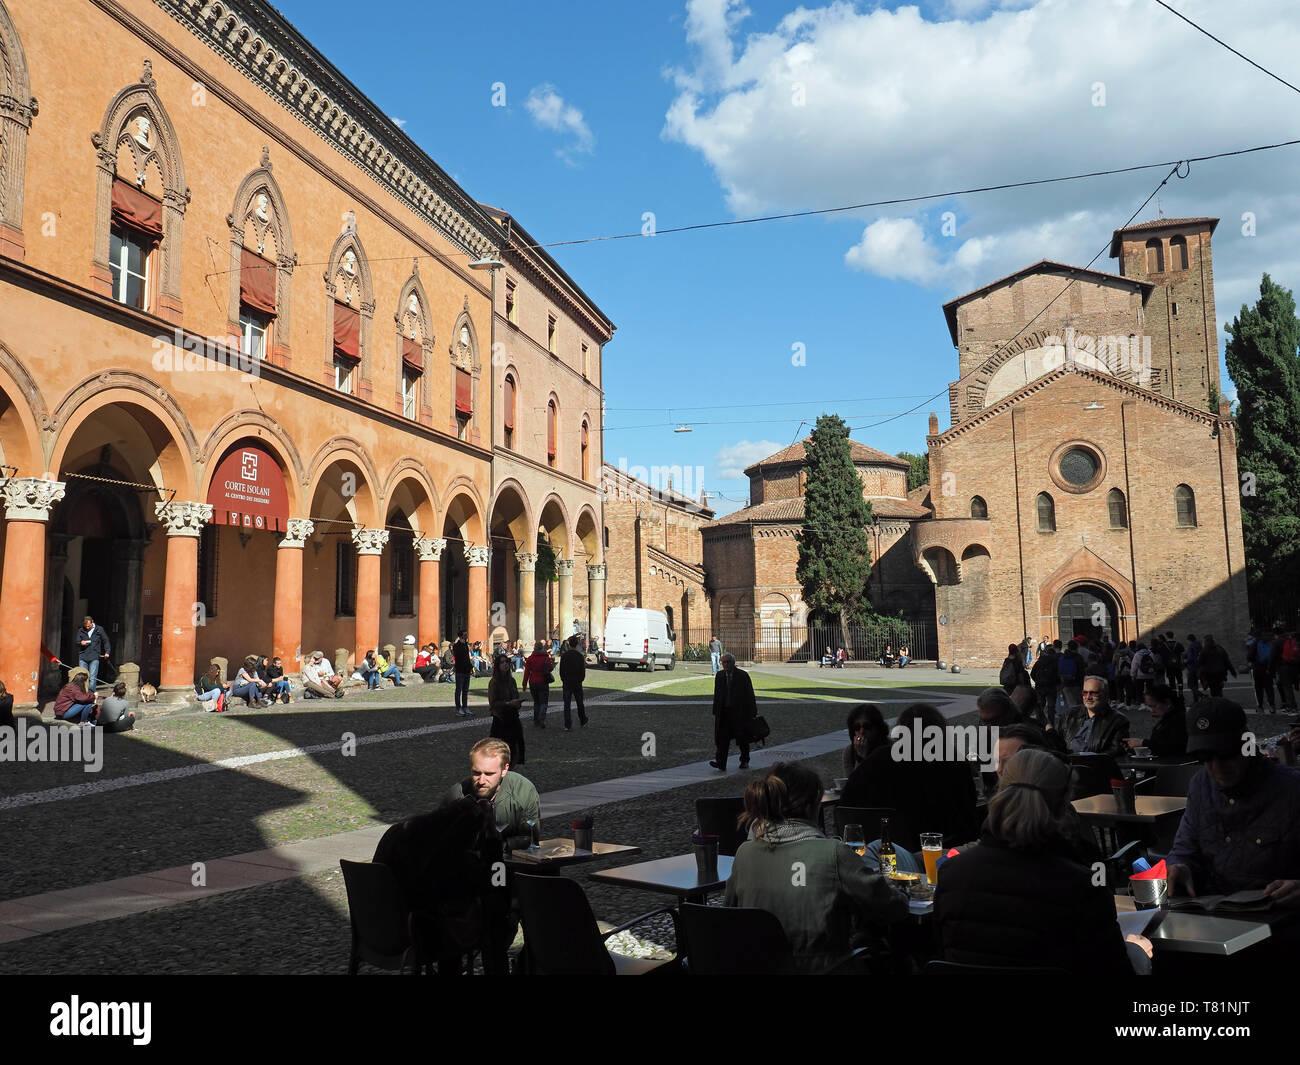 Vista di coloro che godono di un drink a tardo pomeriggio in Piazza Santo Stefano a Bologna Italia Immagini Stock